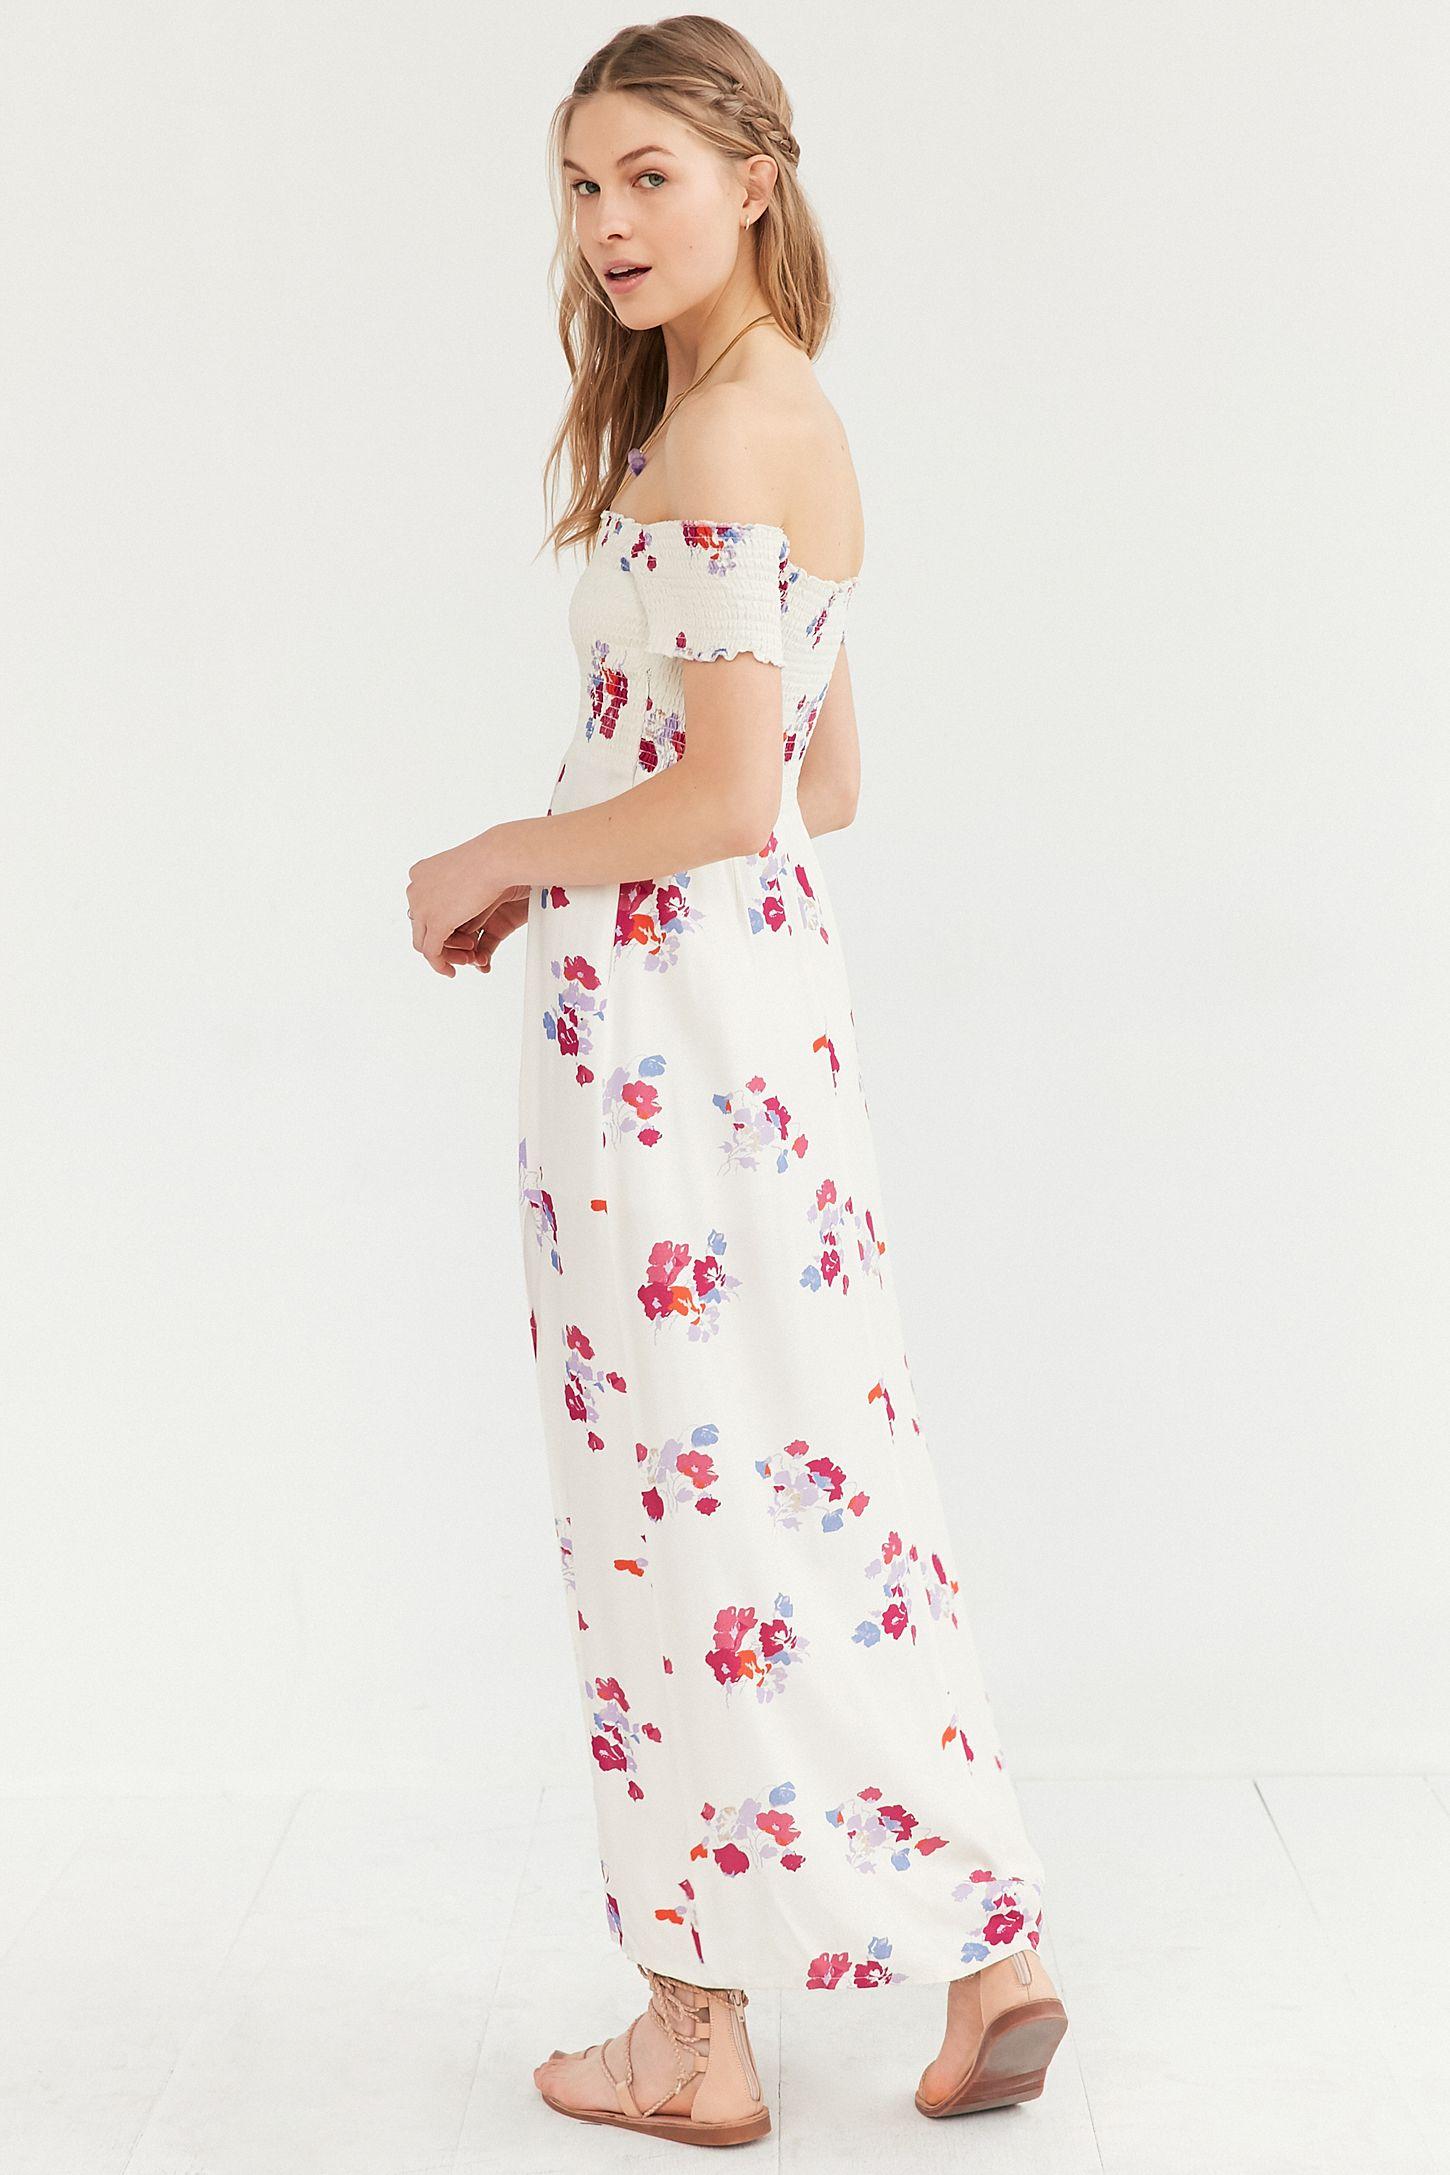 0df70156ebd Slide View  6  MINKPINK Falling Blooms Off-The-Shoulder Maxi Dress